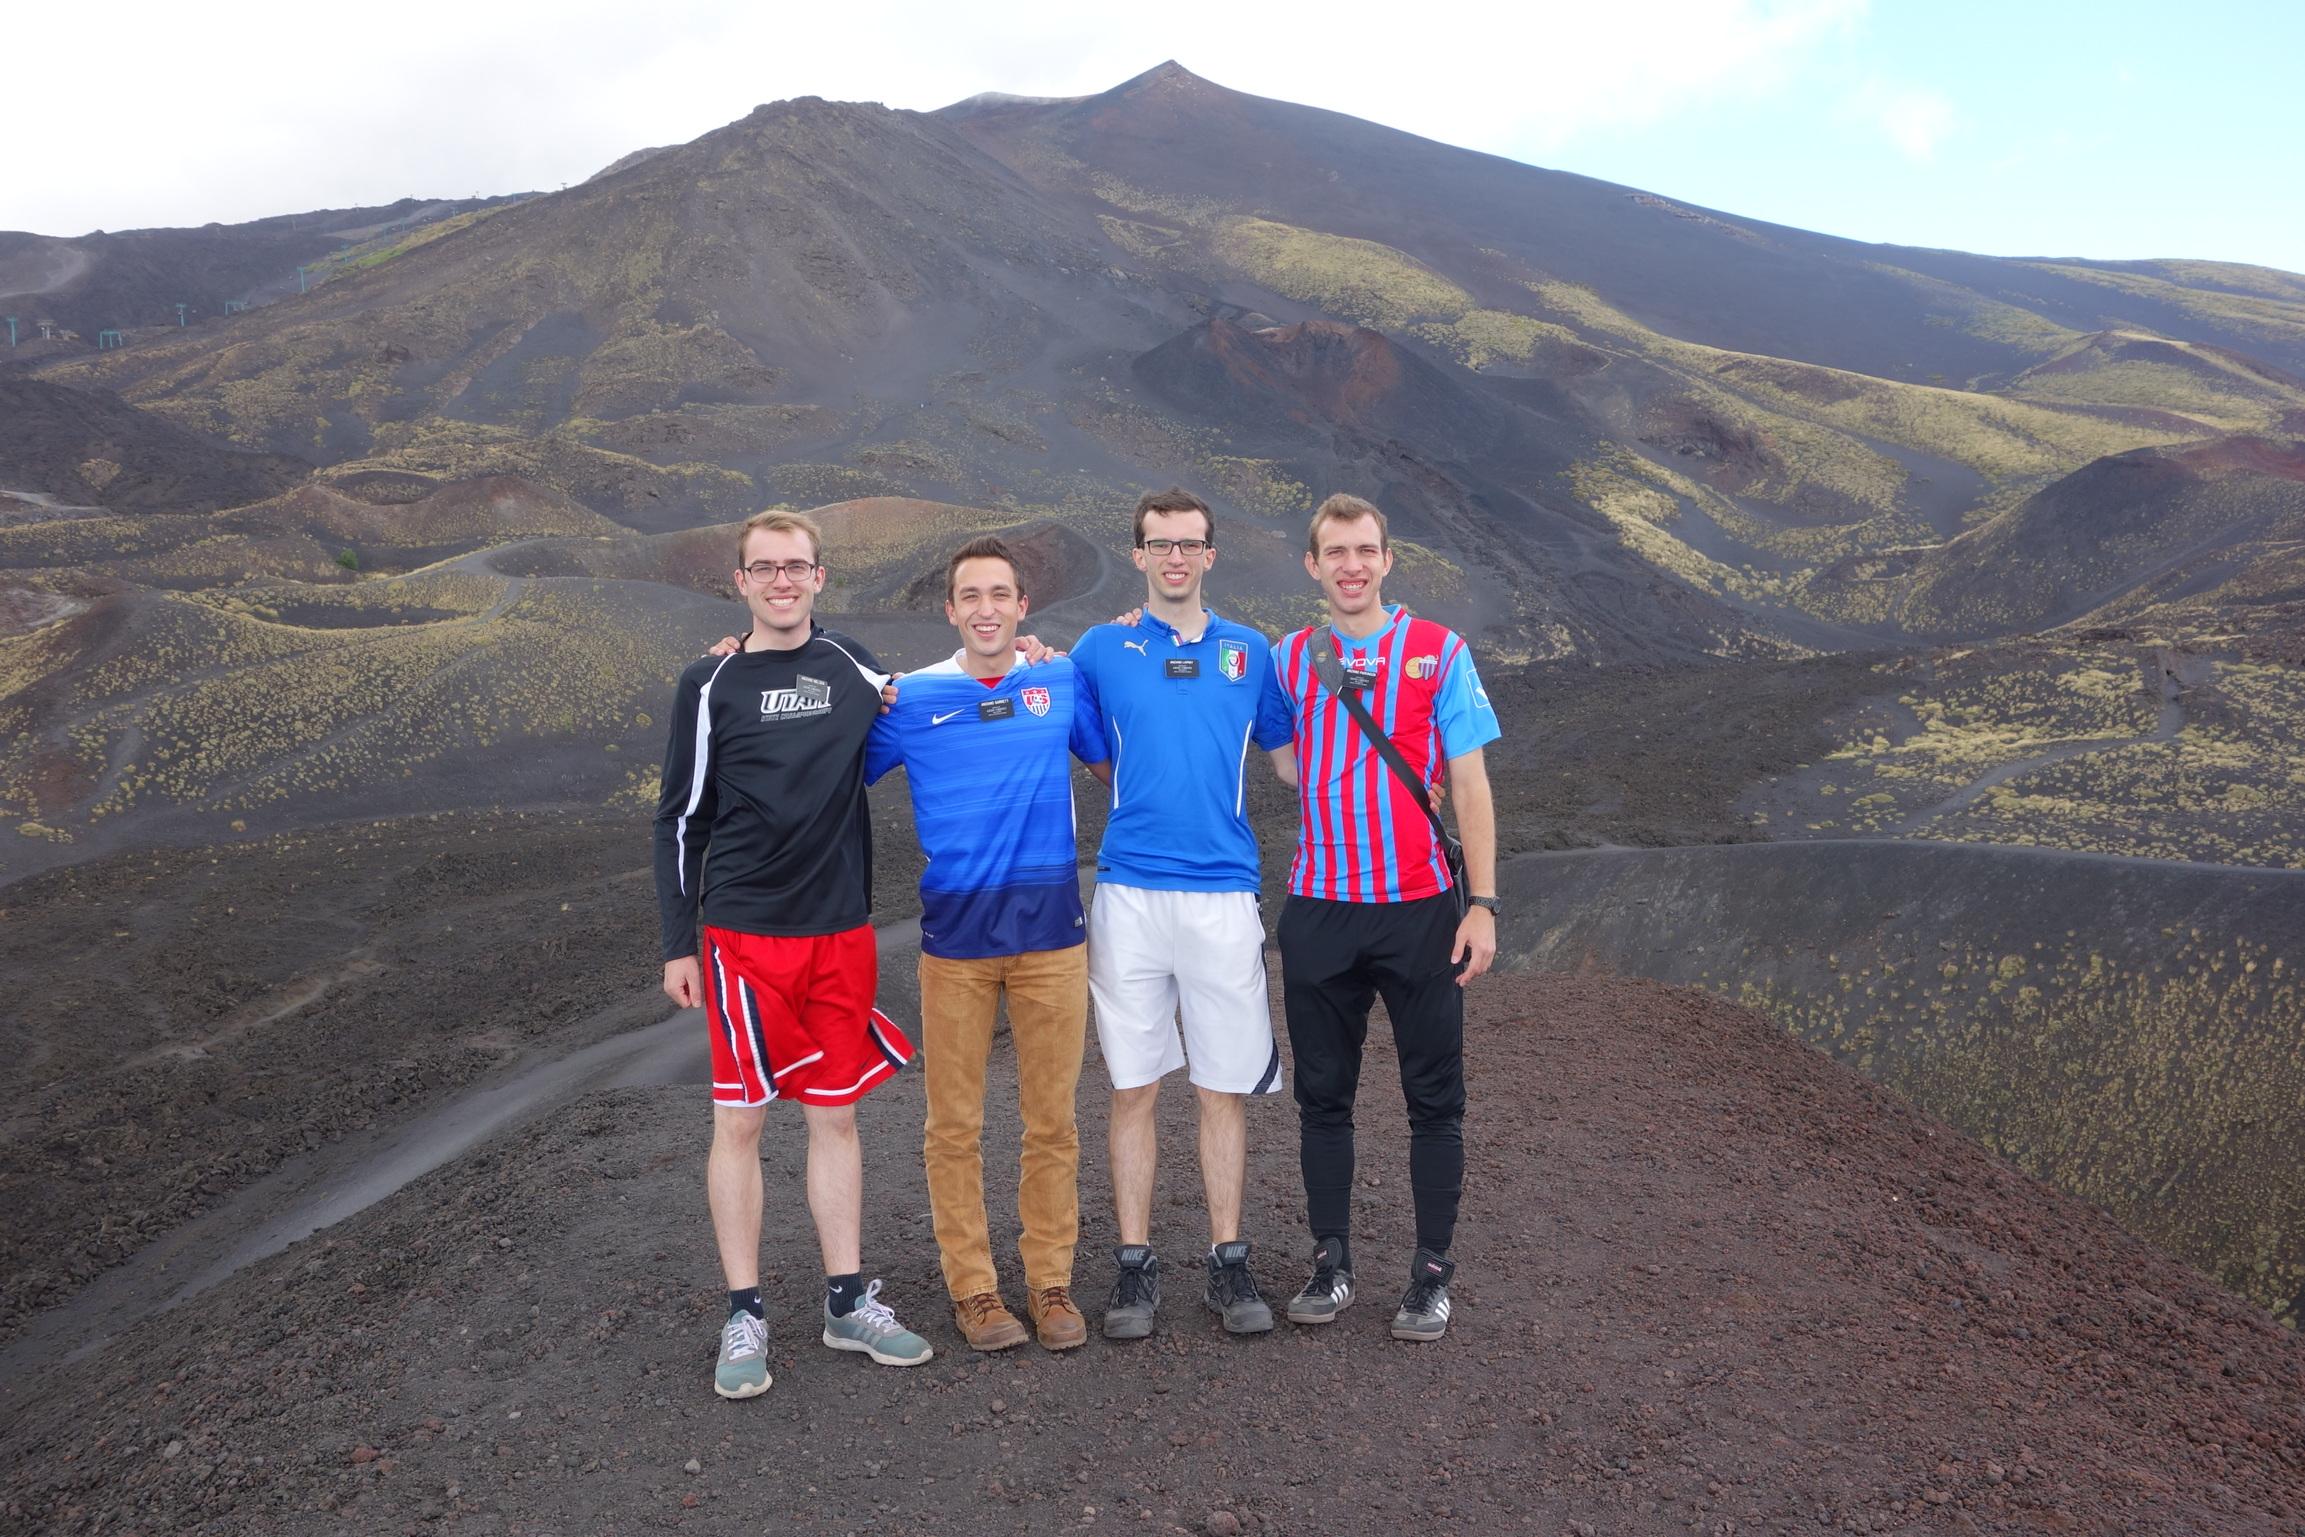 On Mt. Etna